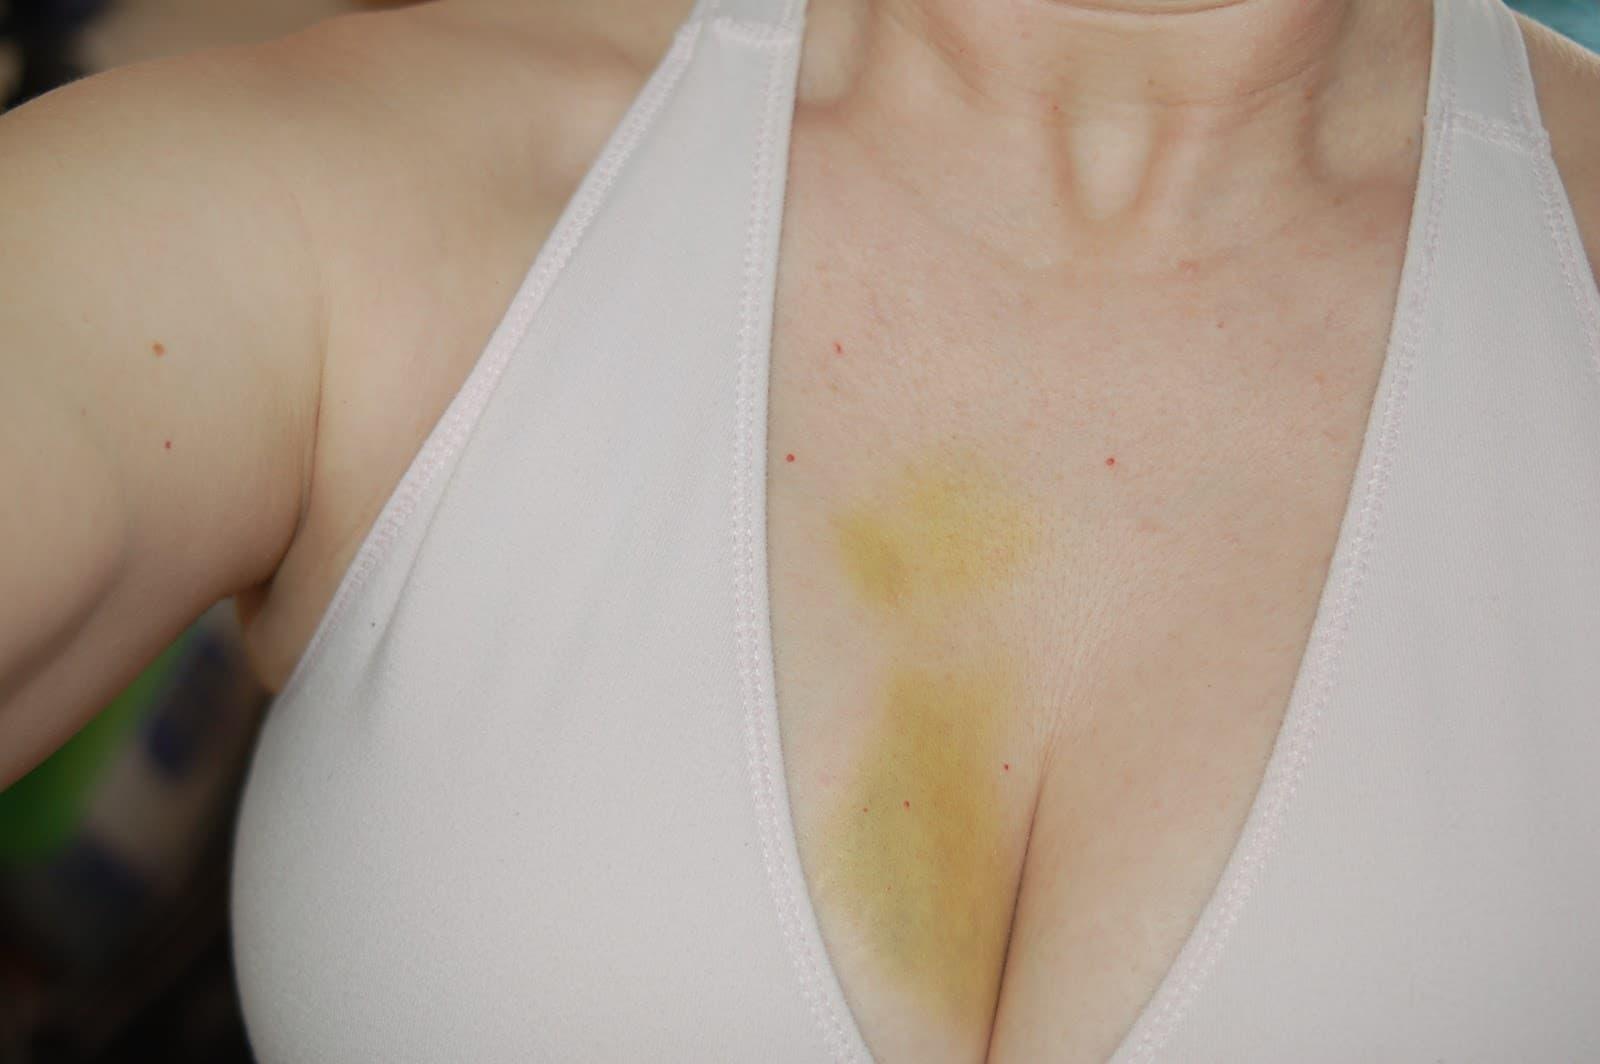 Синяк на груди после травмы – это основание для посещения врача и обследования молочных желез